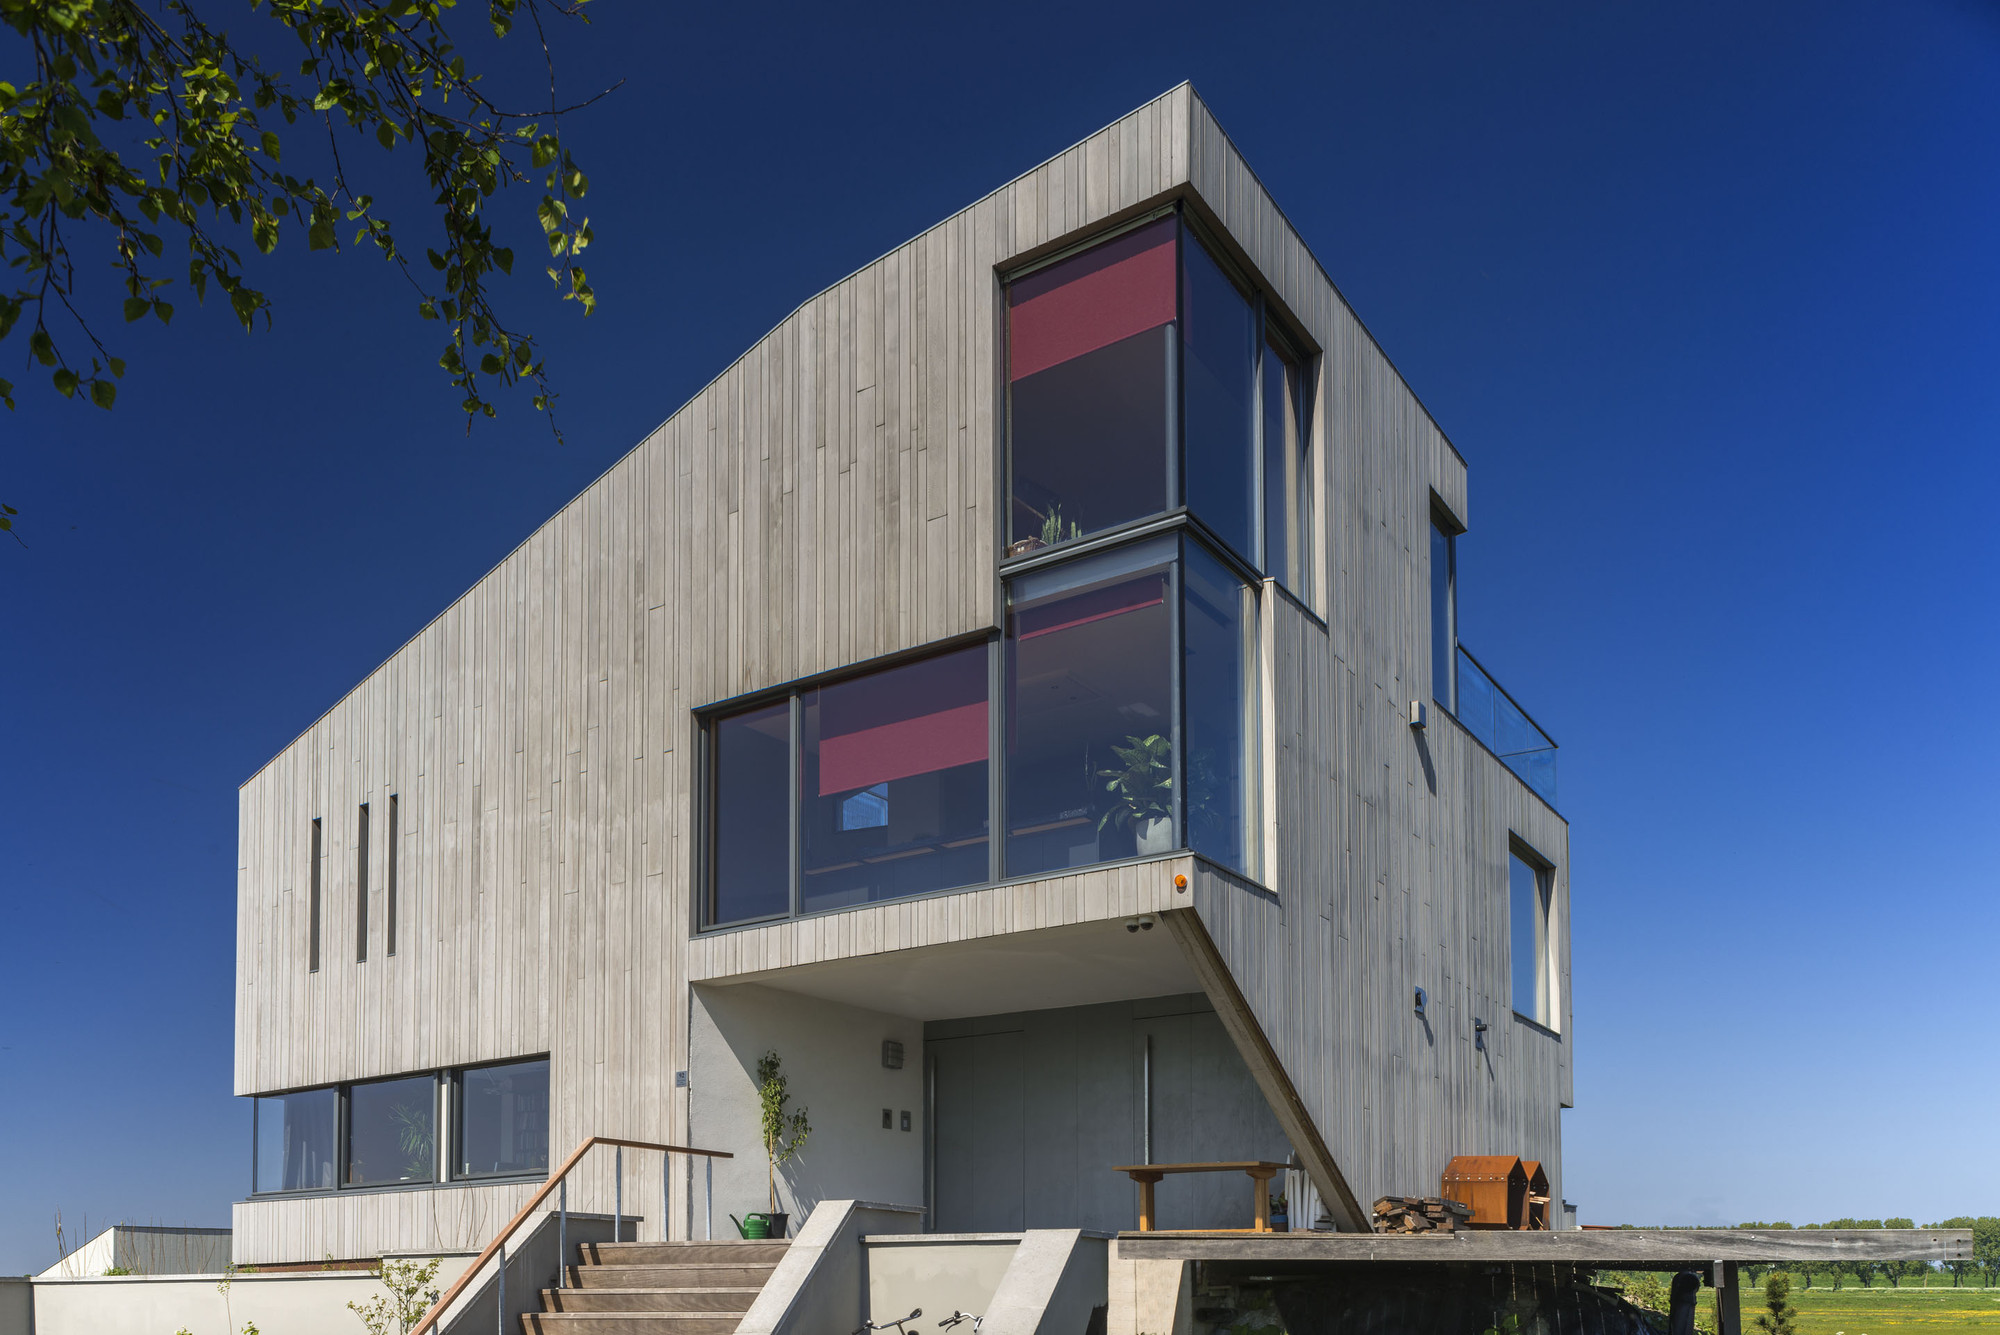 Lutkemeerweg / MAS architectuur, ©  John Lewis Marshall